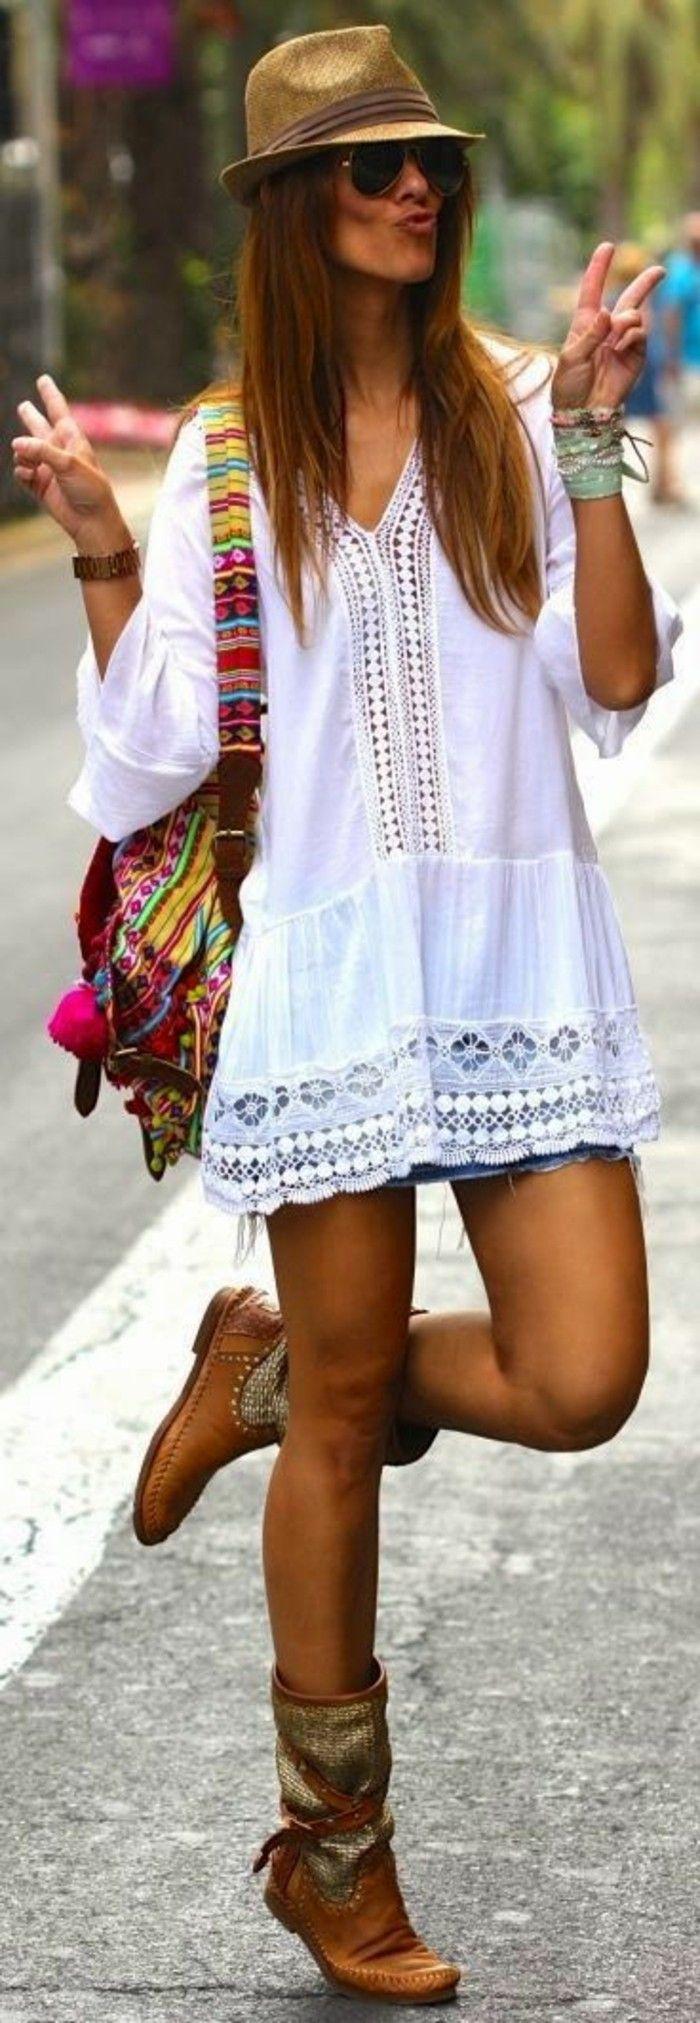 tenue boheme chic, tunique blanche et sac d été en couleurs vives